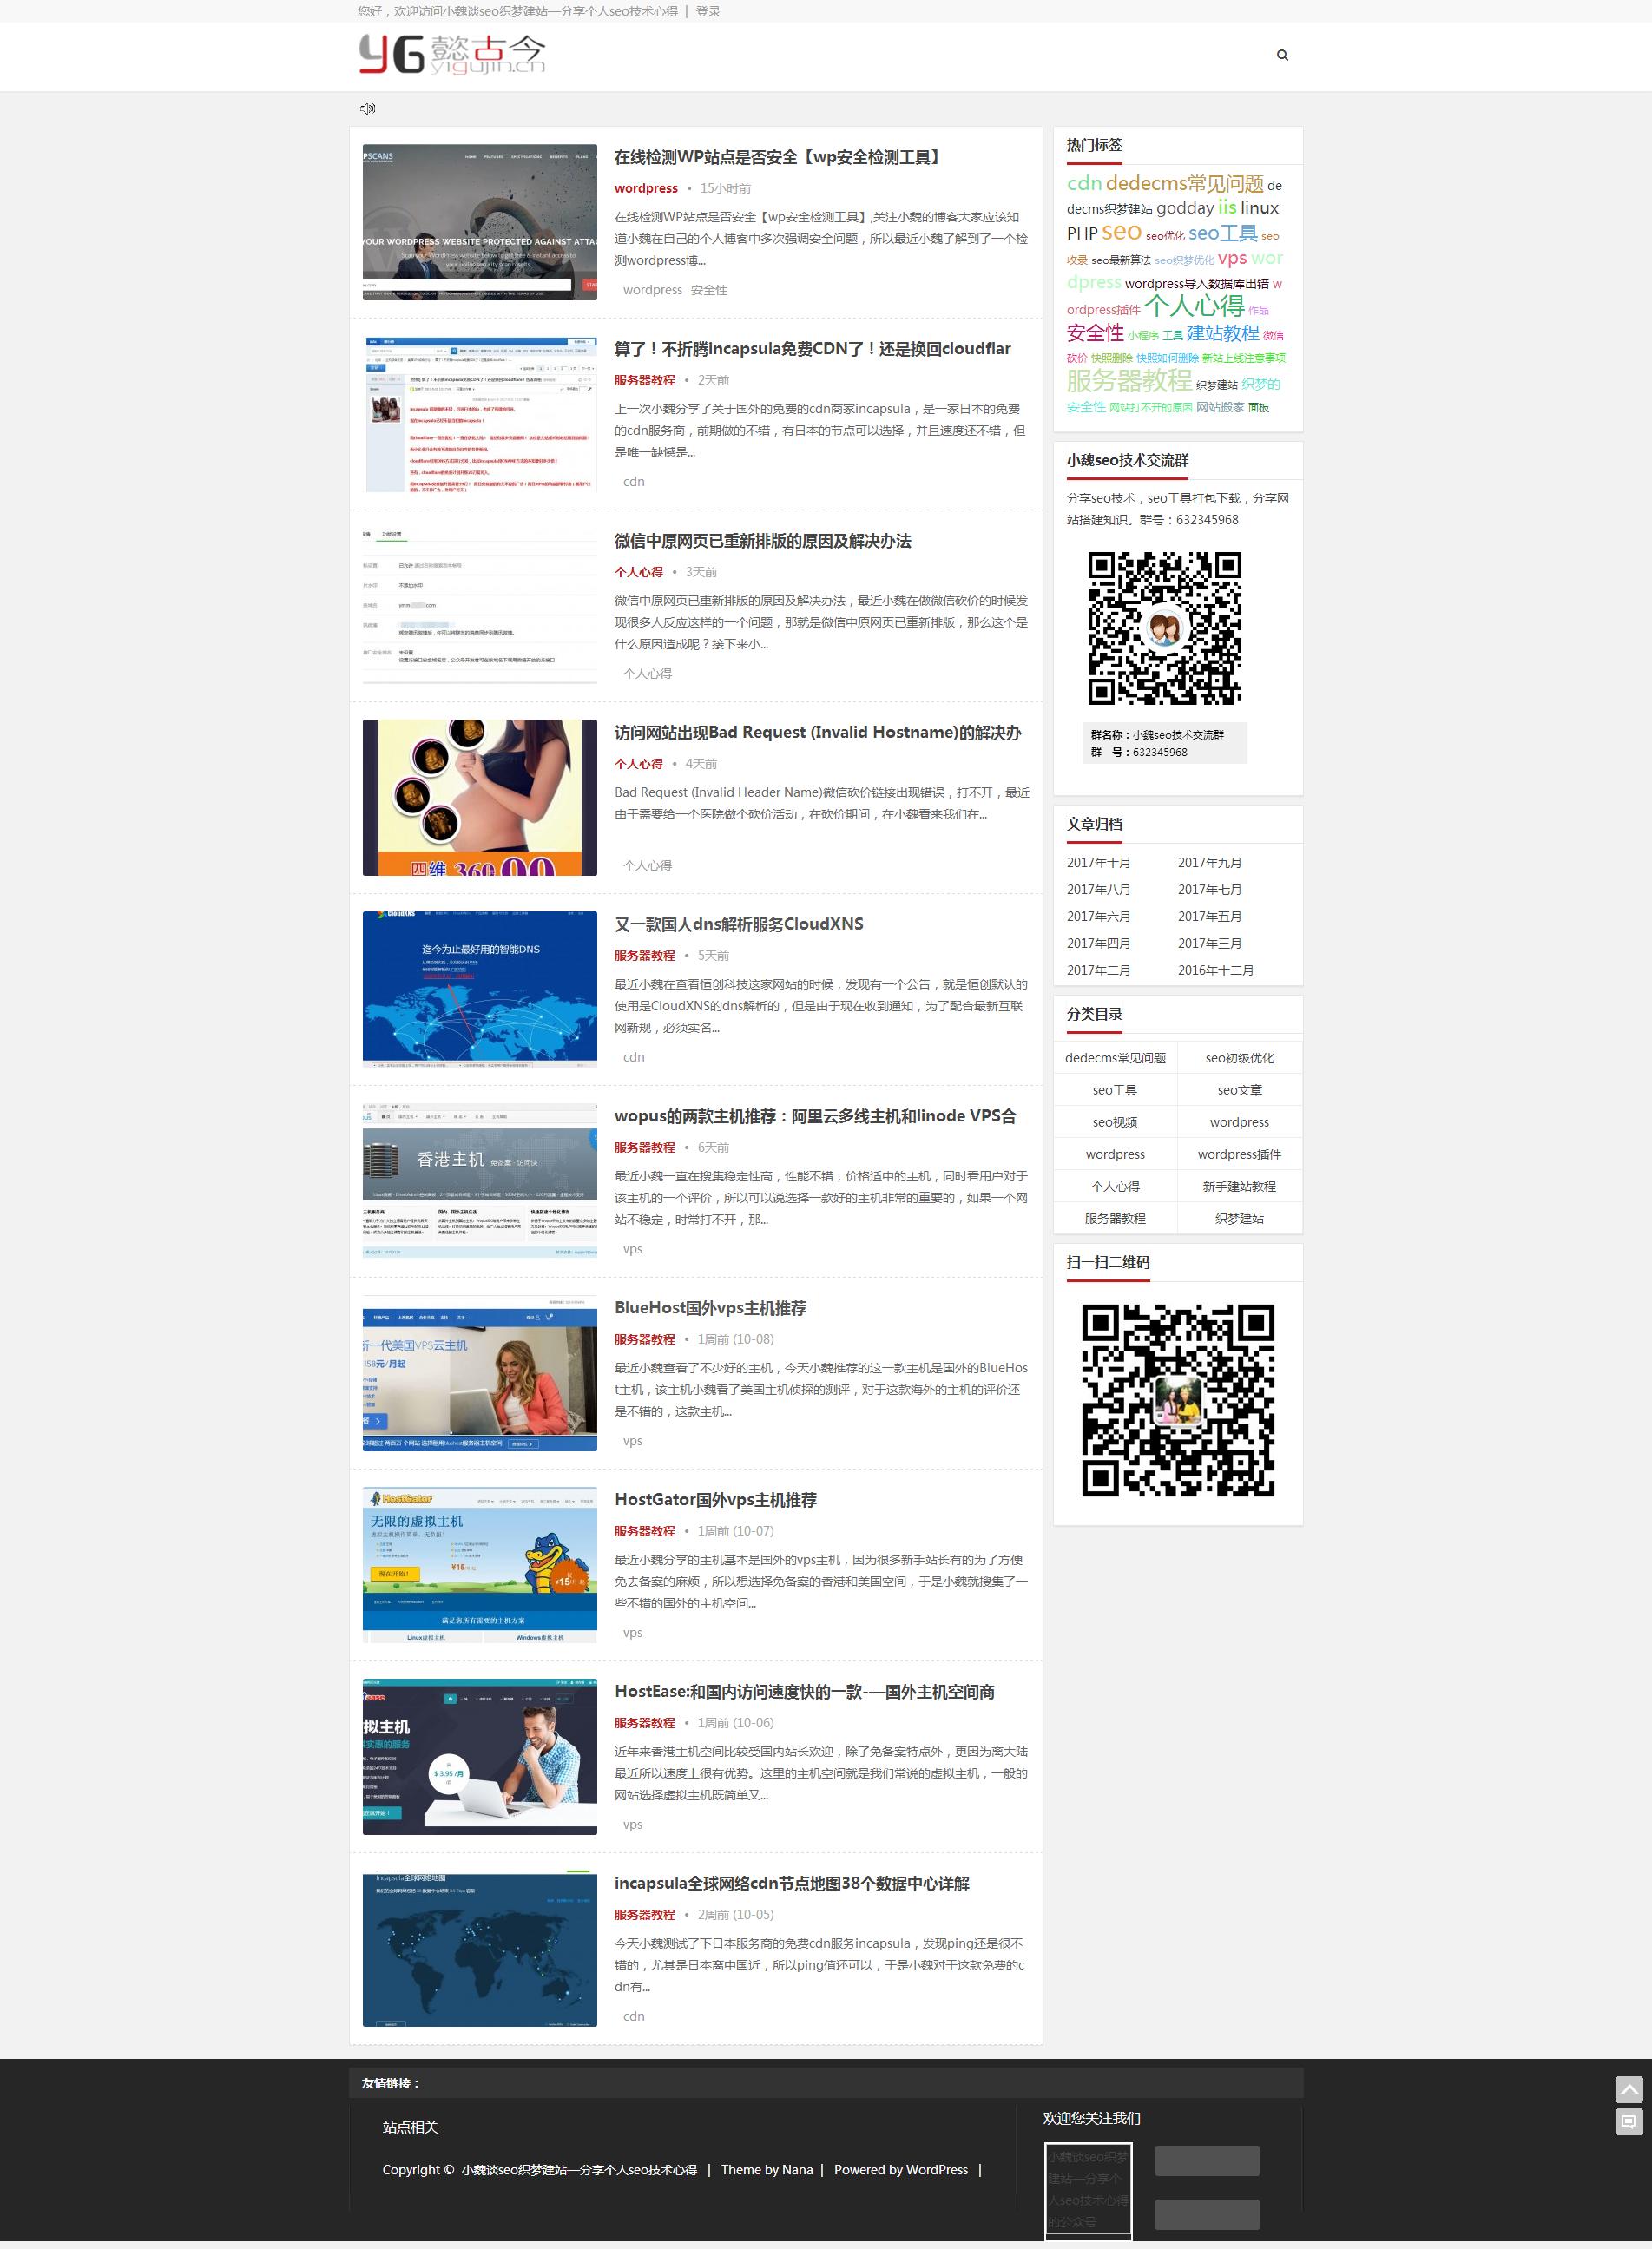 WordPress免费清新响应式博客/杂志/图片三合一主题Nana的pc端预览